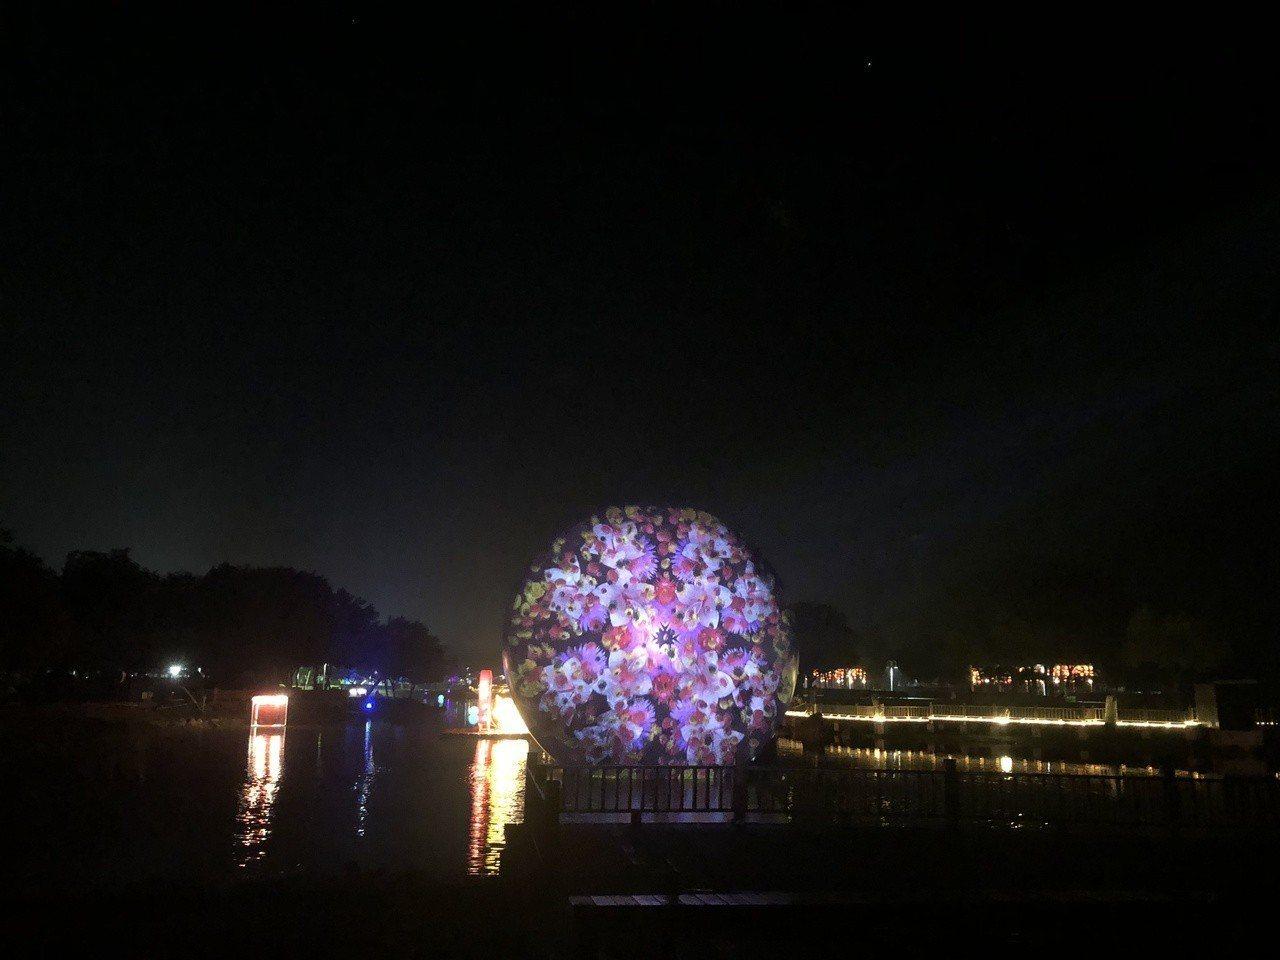 巨型月球裝置融合光雕秀,讓人相當驚豔。記者林敬家/攝影